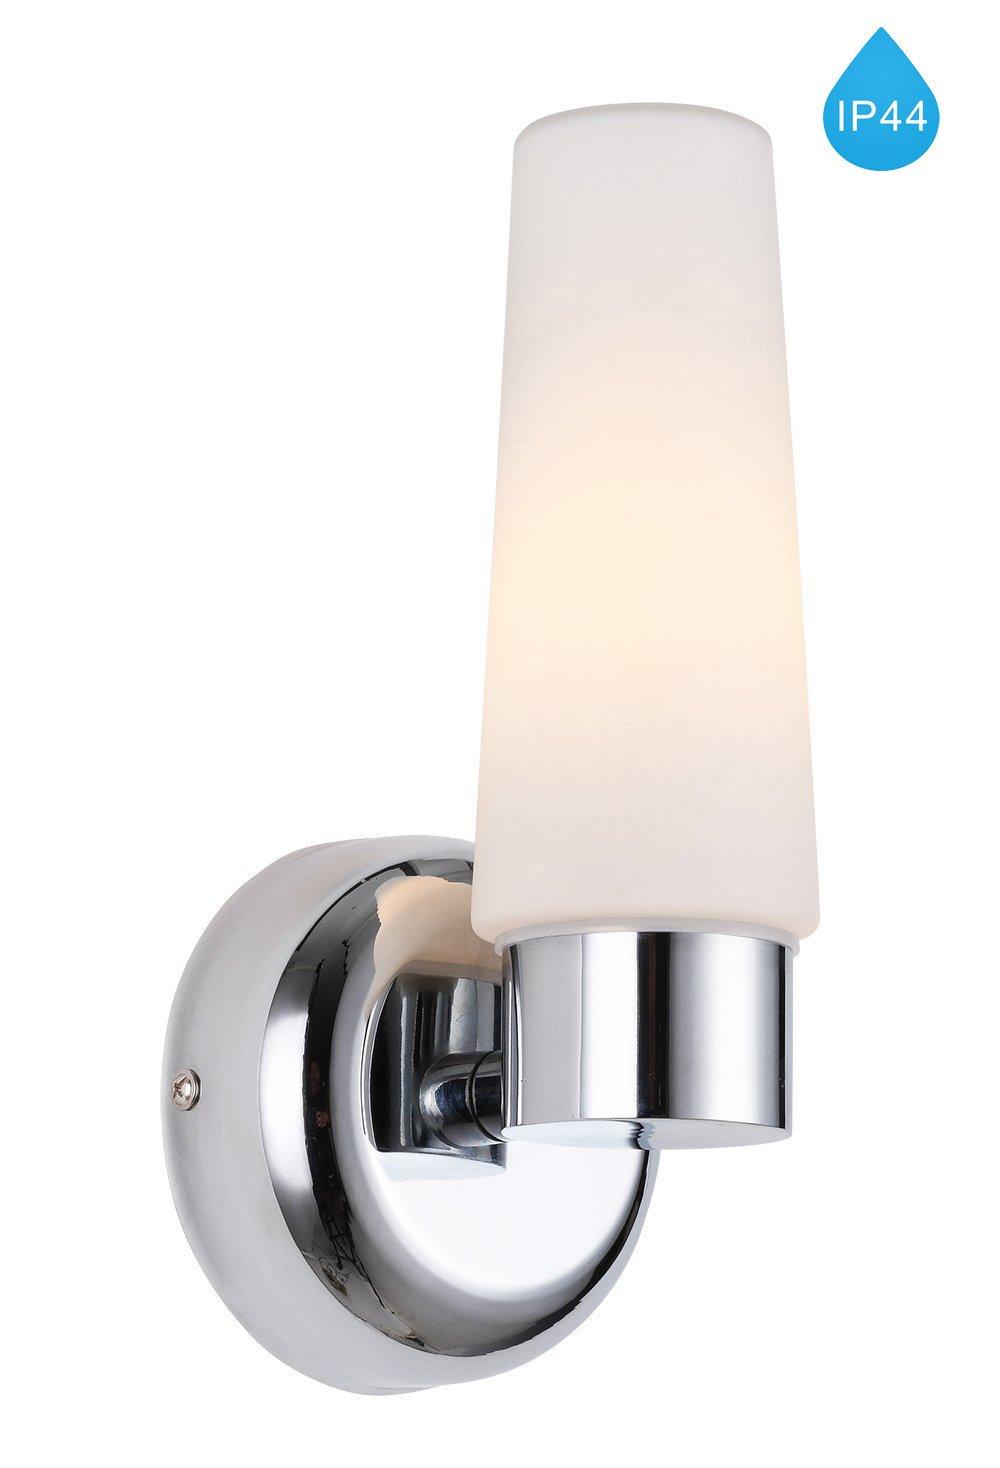 BETLING intérieur-Éclairage Mural moderne applique Lampe murale IP44 Salle de Bain Miroir Lampe muraux pour Escalier Cuisine Chambre Couloir